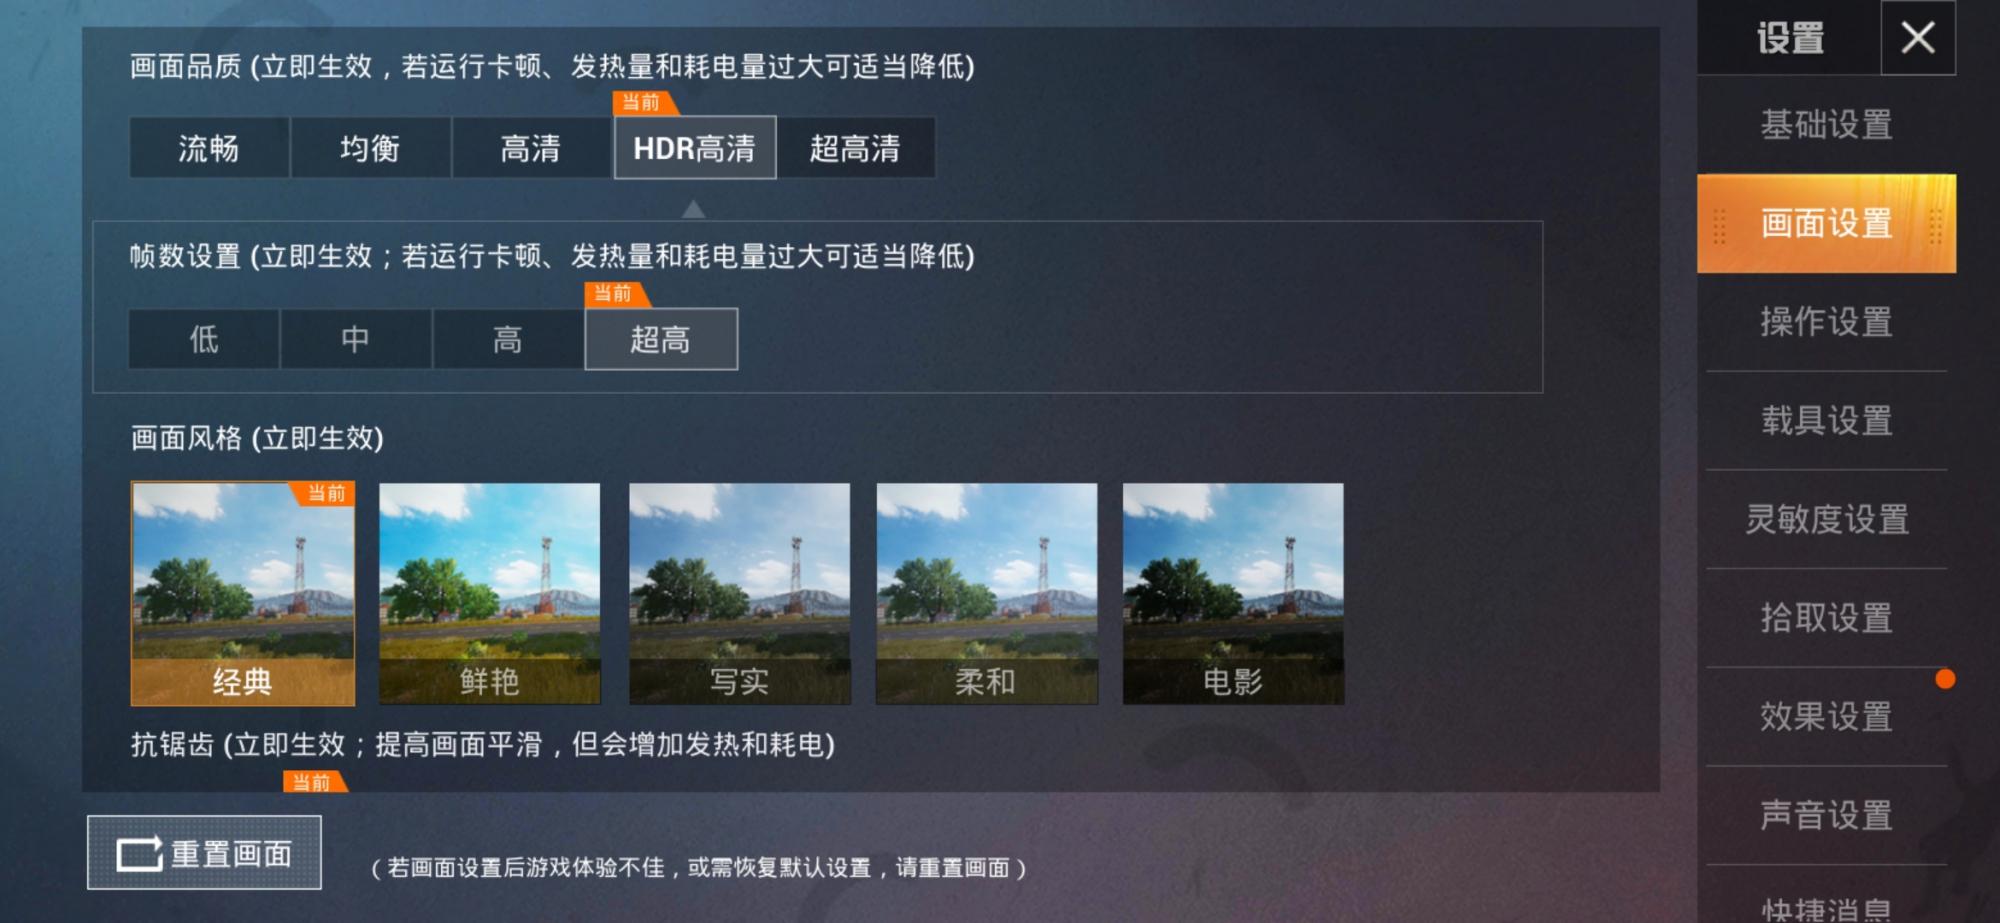 Screenshot_20190714_141908_com.tencent.tmgp.pubgm.jpg